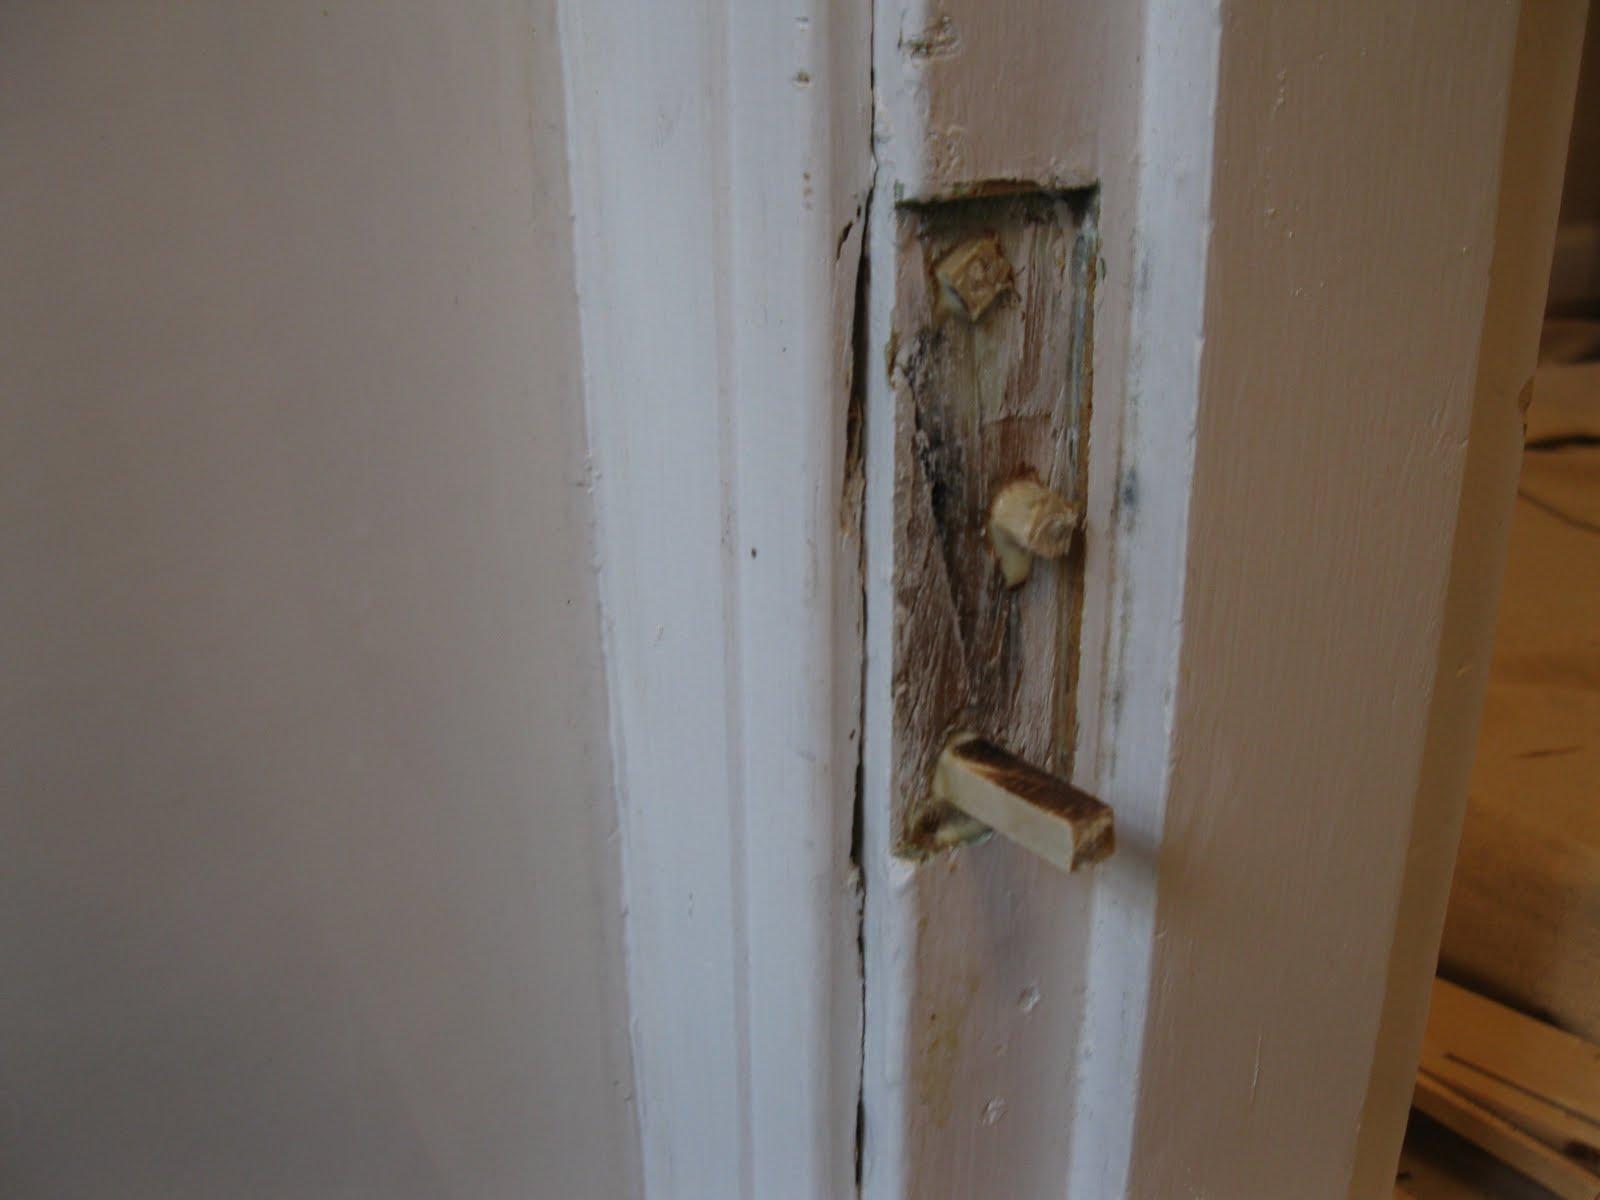 Bedroom door hinges